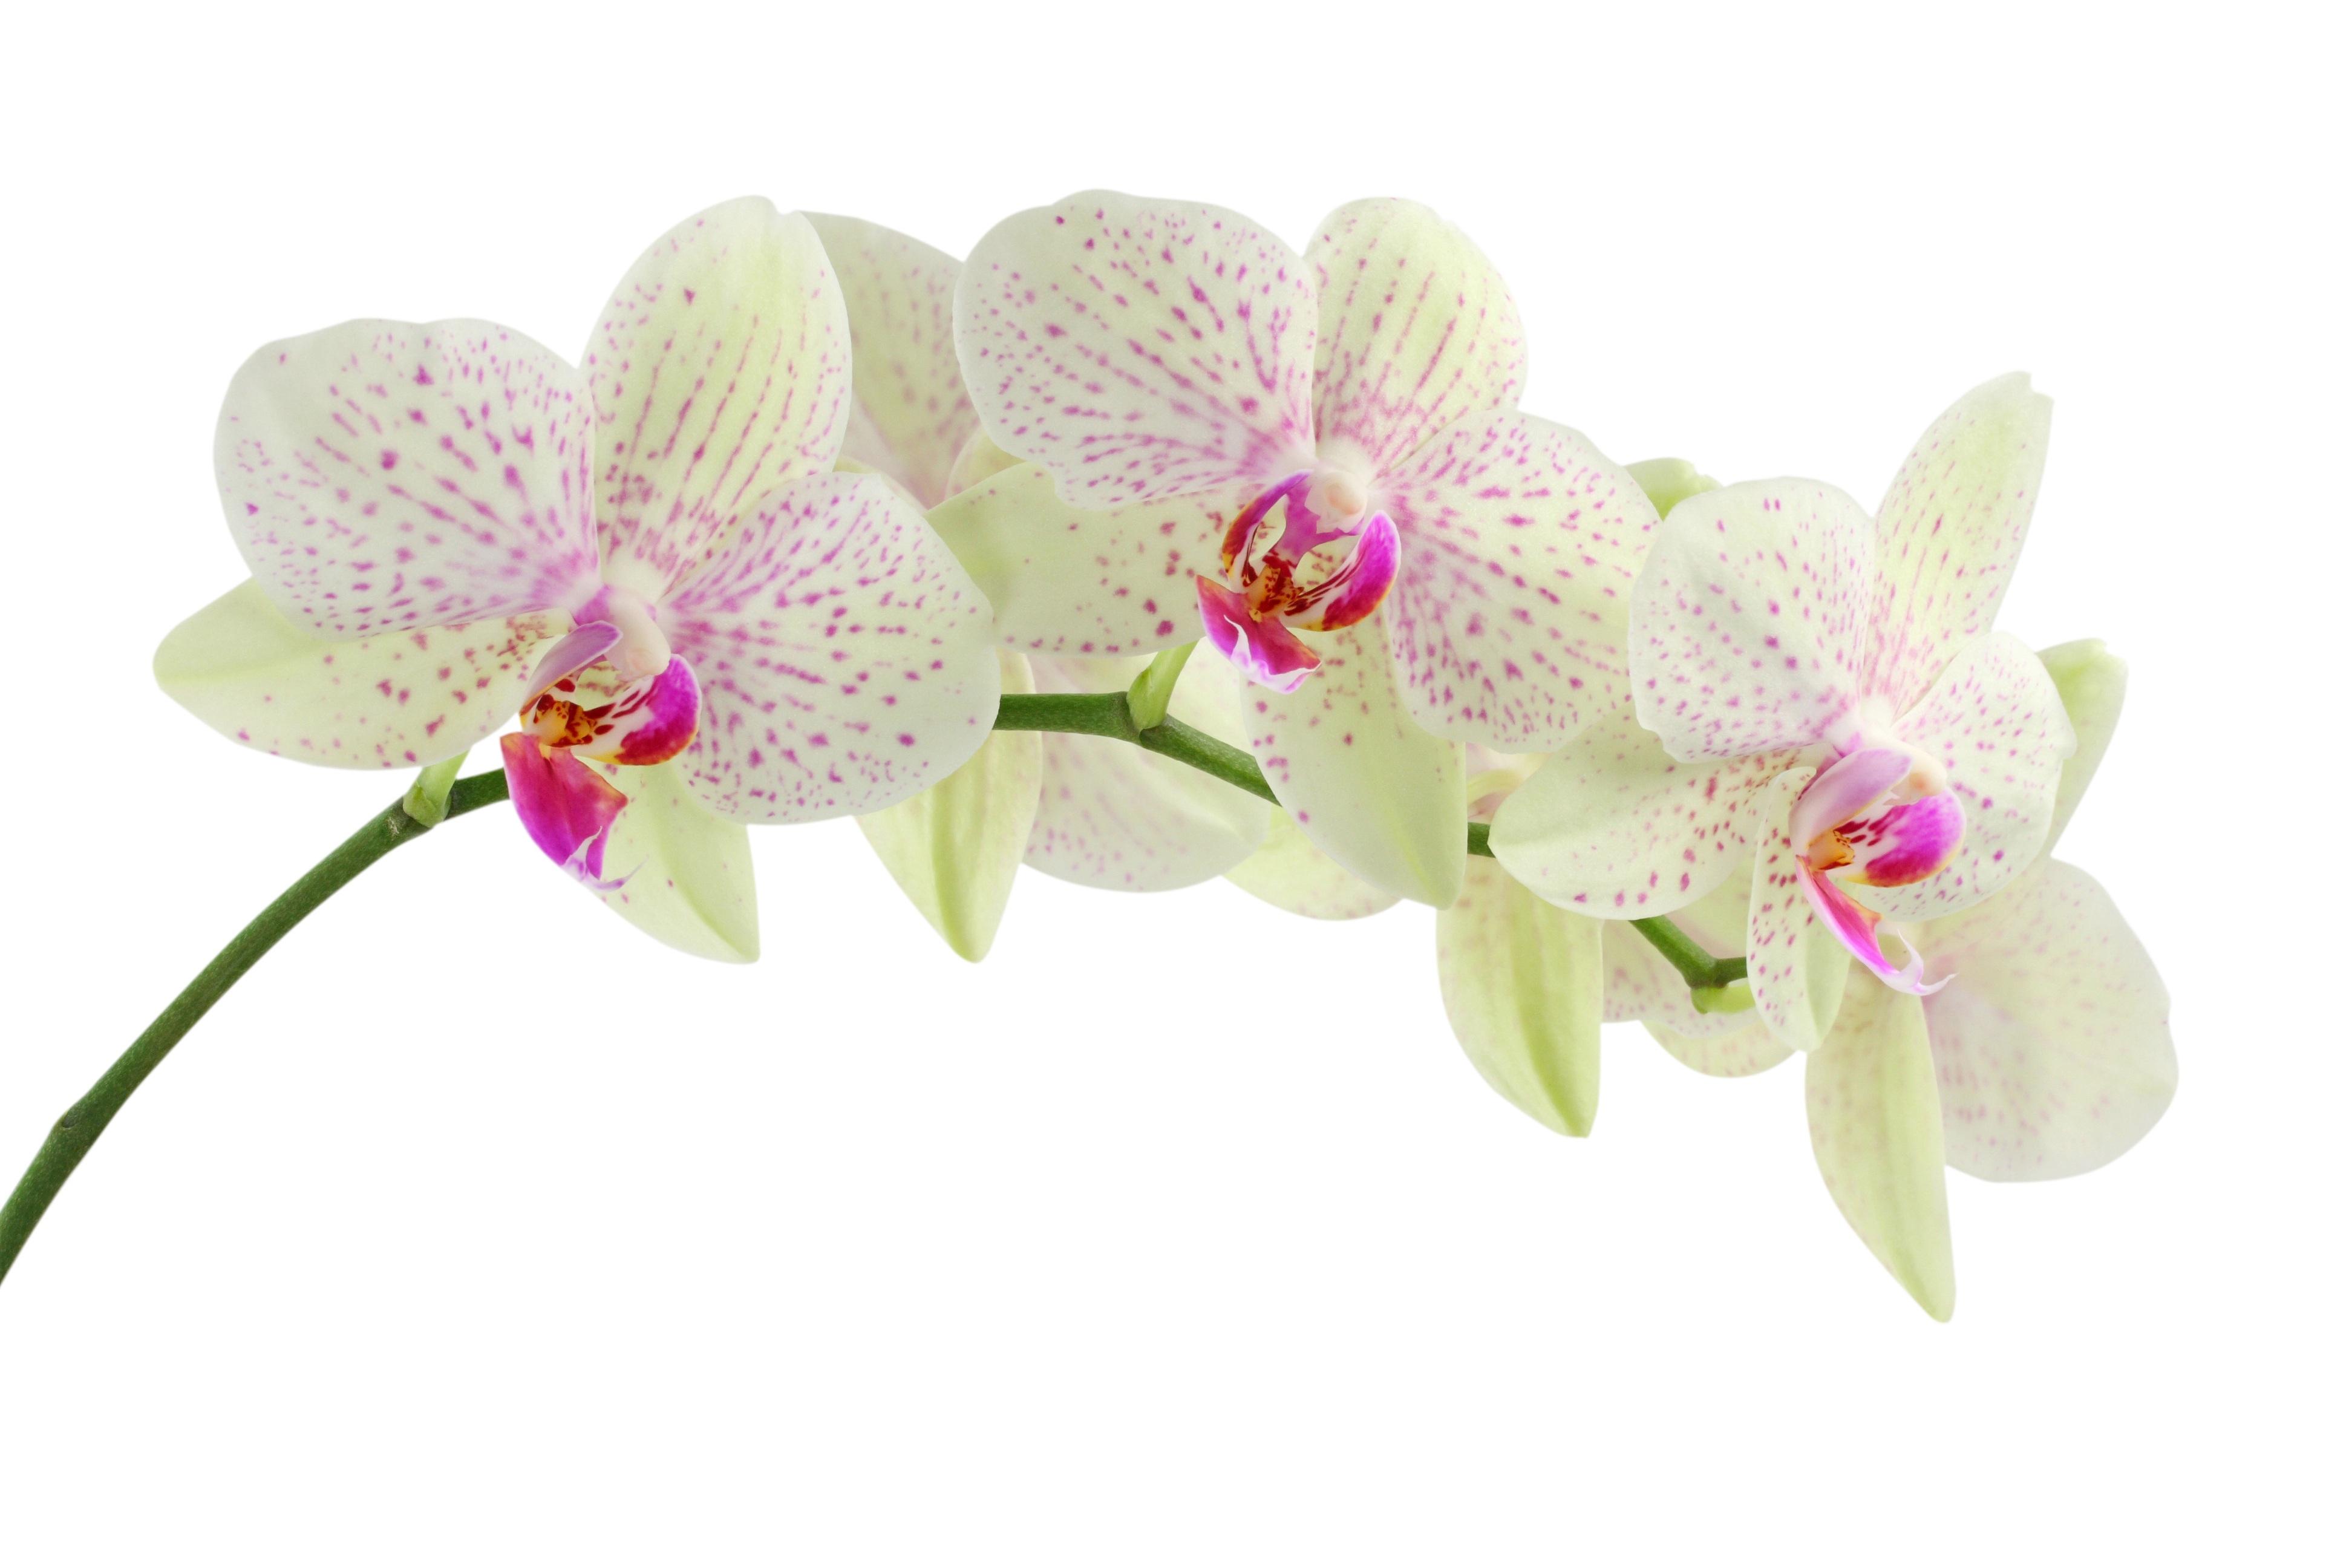 Immagini belle bianca fiore petalo rosa fiori for Orchidea pianta